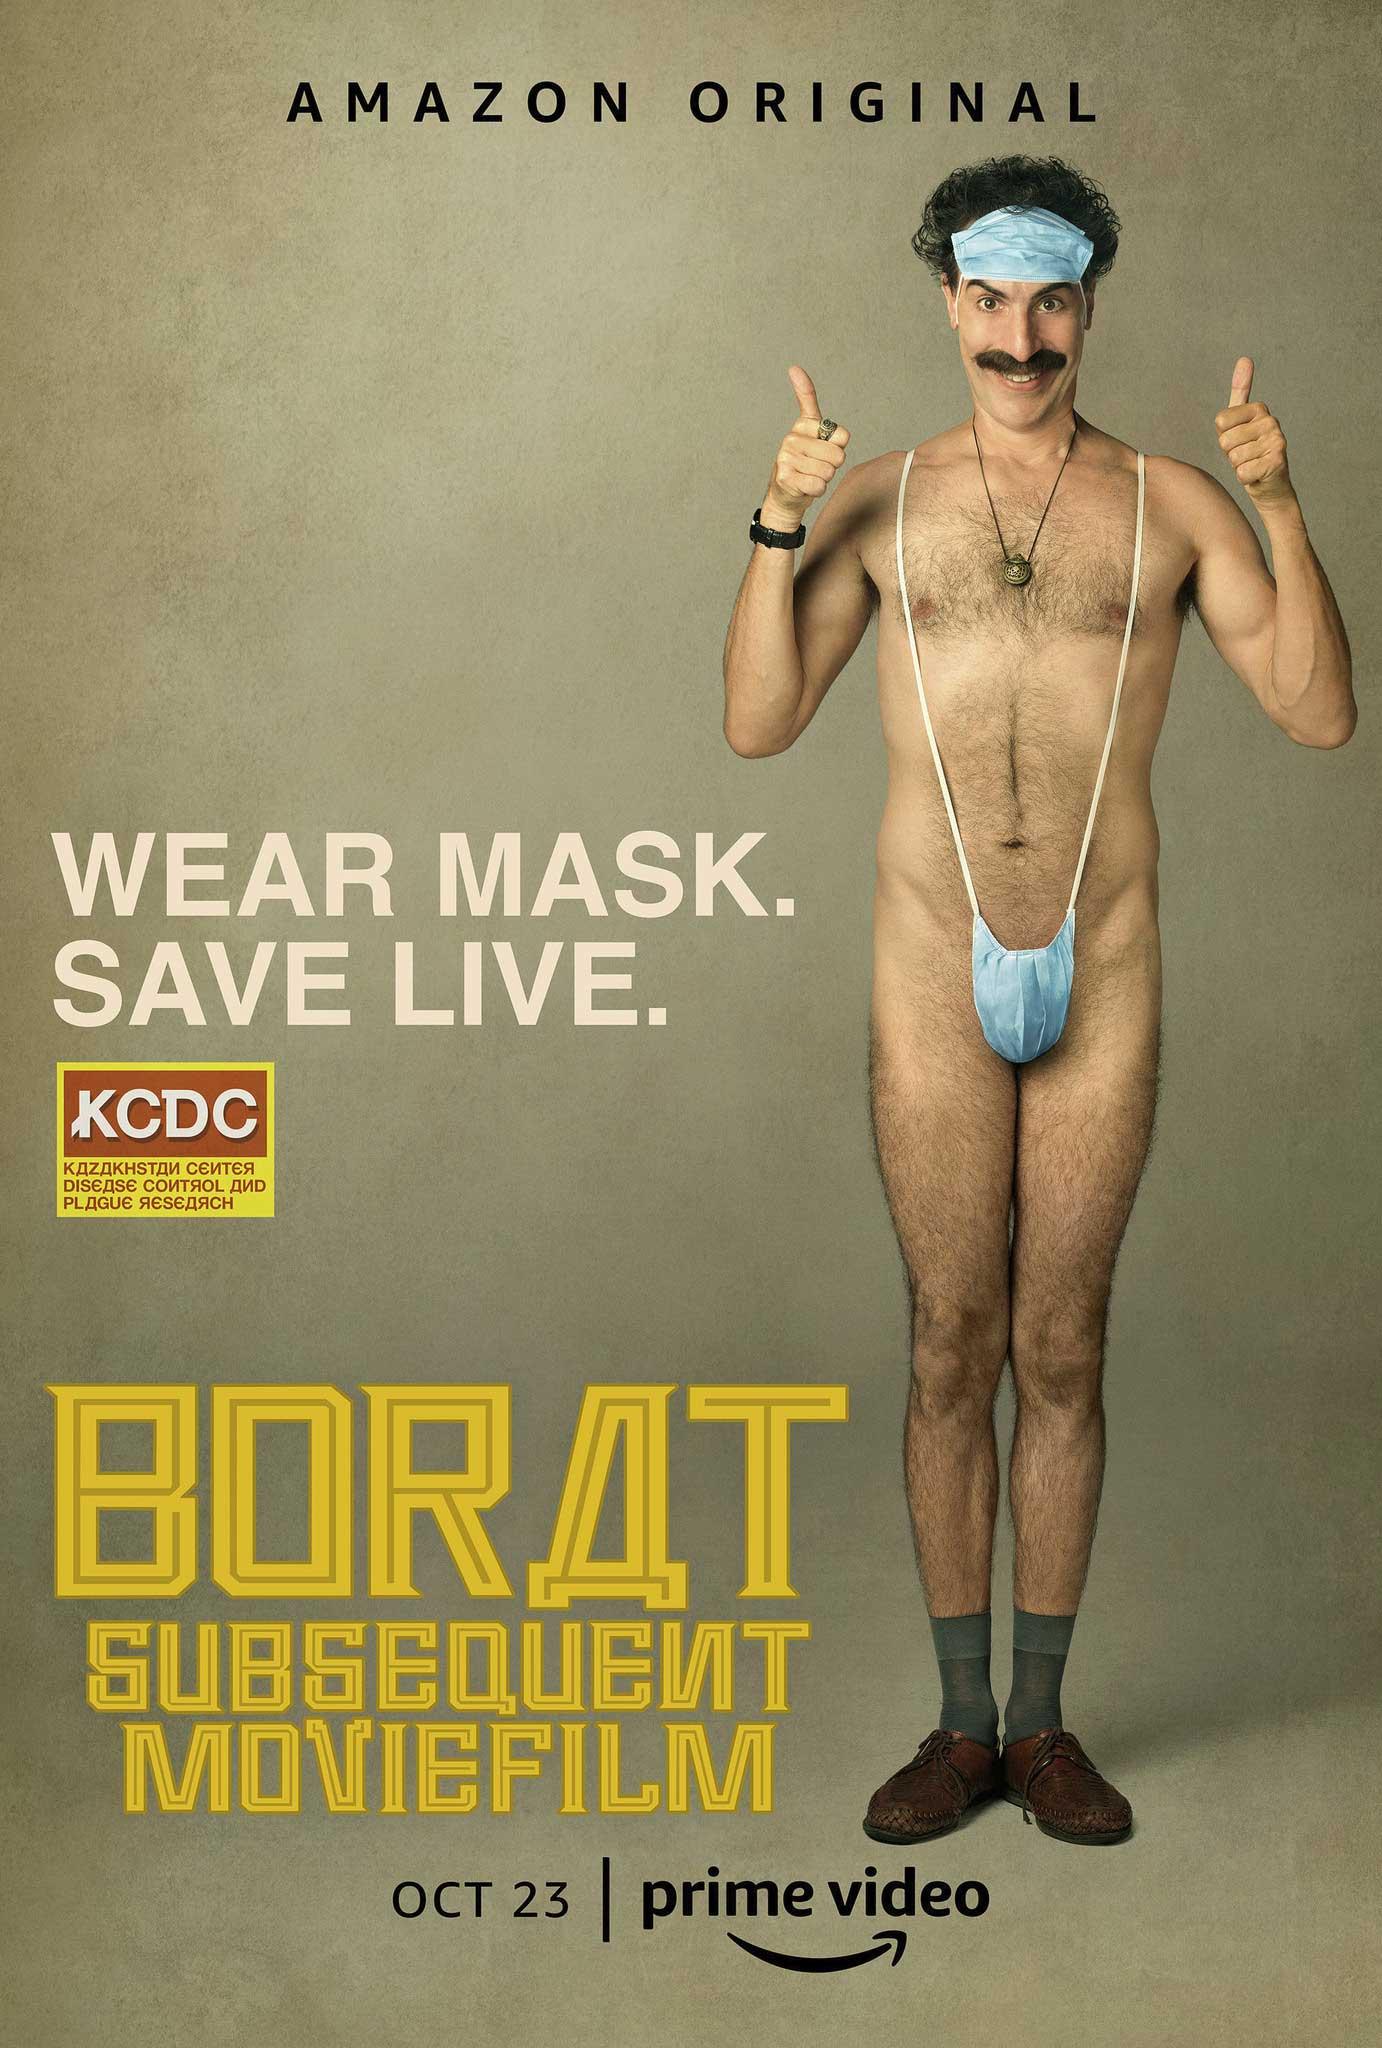 """Borat Teil 2: Filmtrailer zum """"Anschluss-Moviefilm"""" borat-subsequent-moviefilm-poster"""